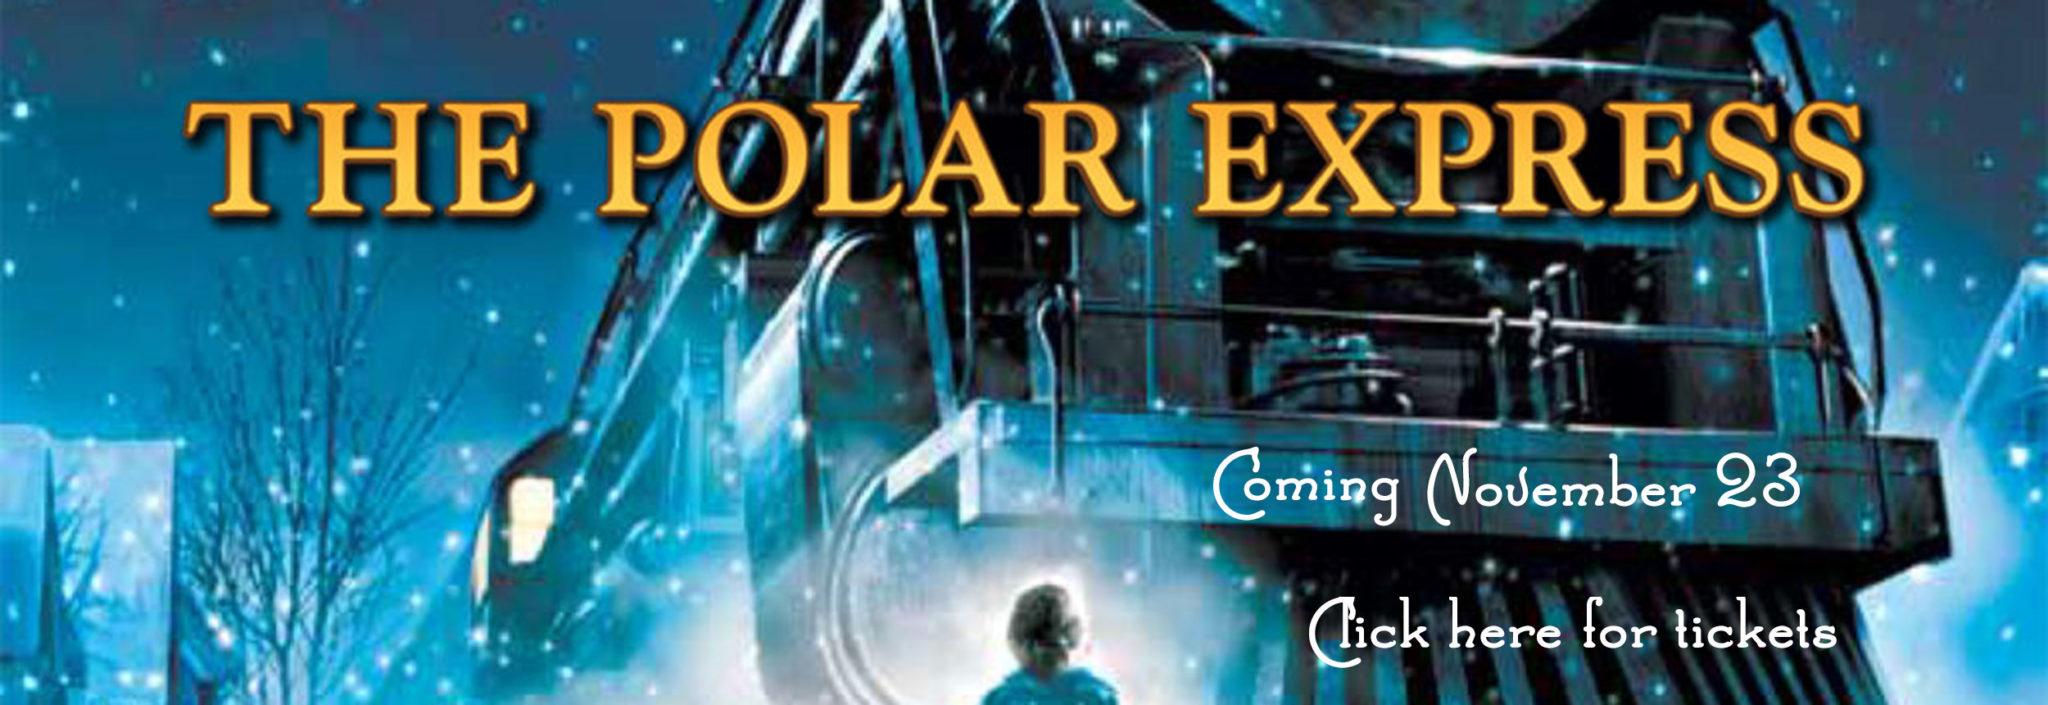 polar express november 23